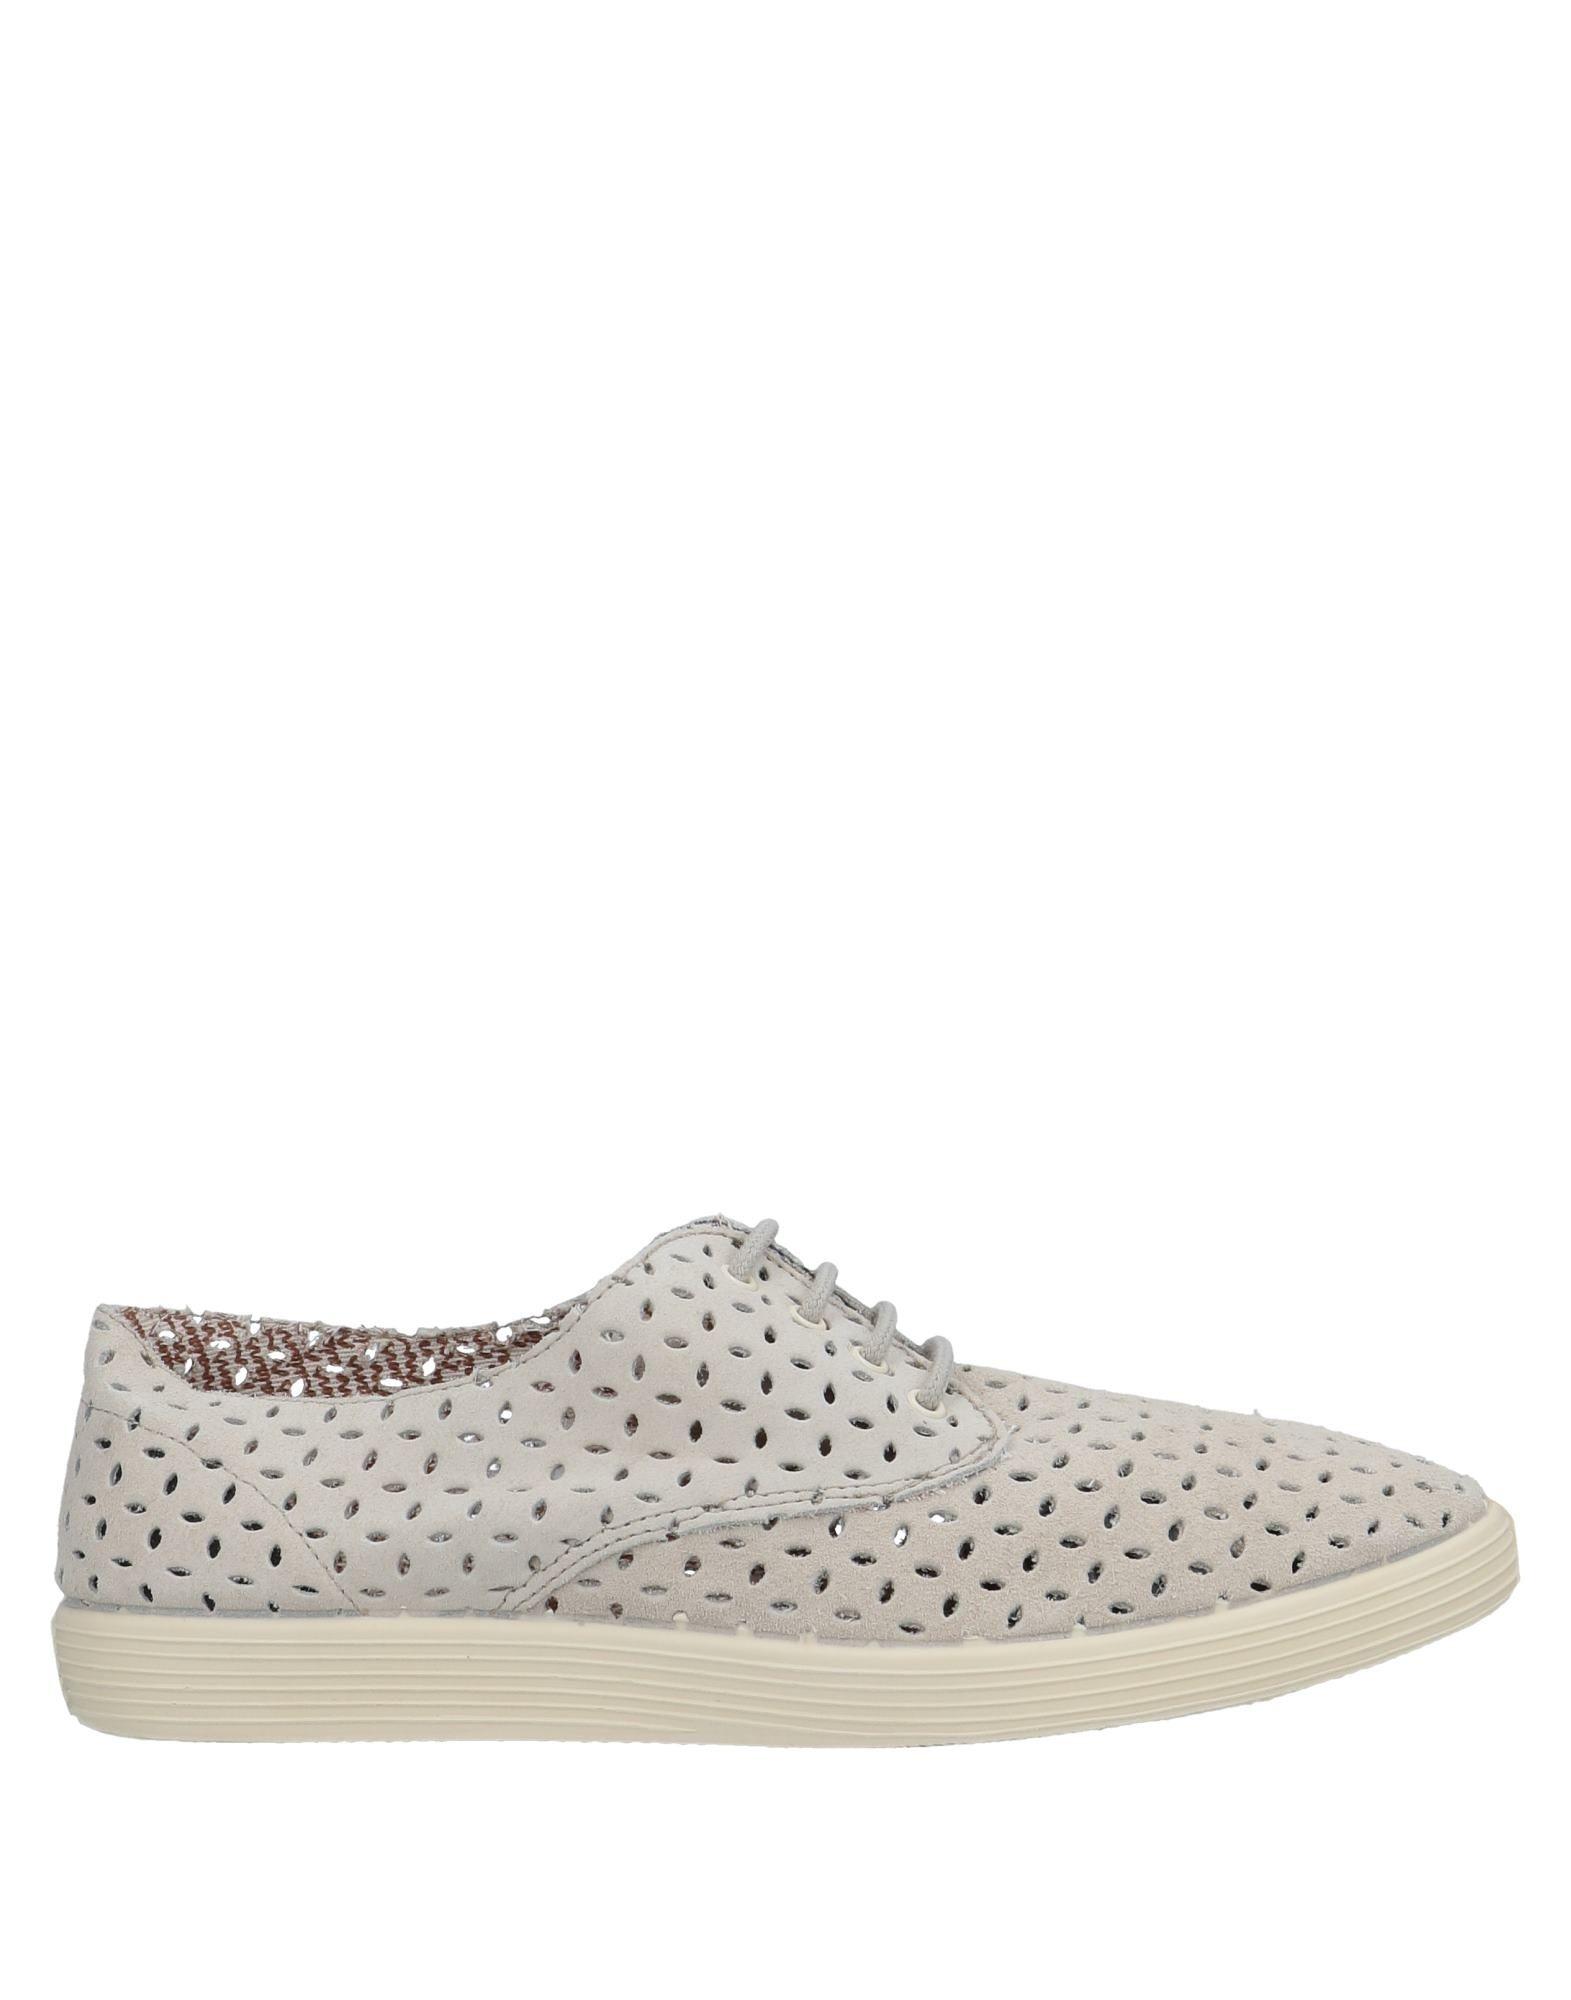 Rabatt Herren echte Schuhe Maians Sneakers Herren Rabatt  11551960BP 6991db